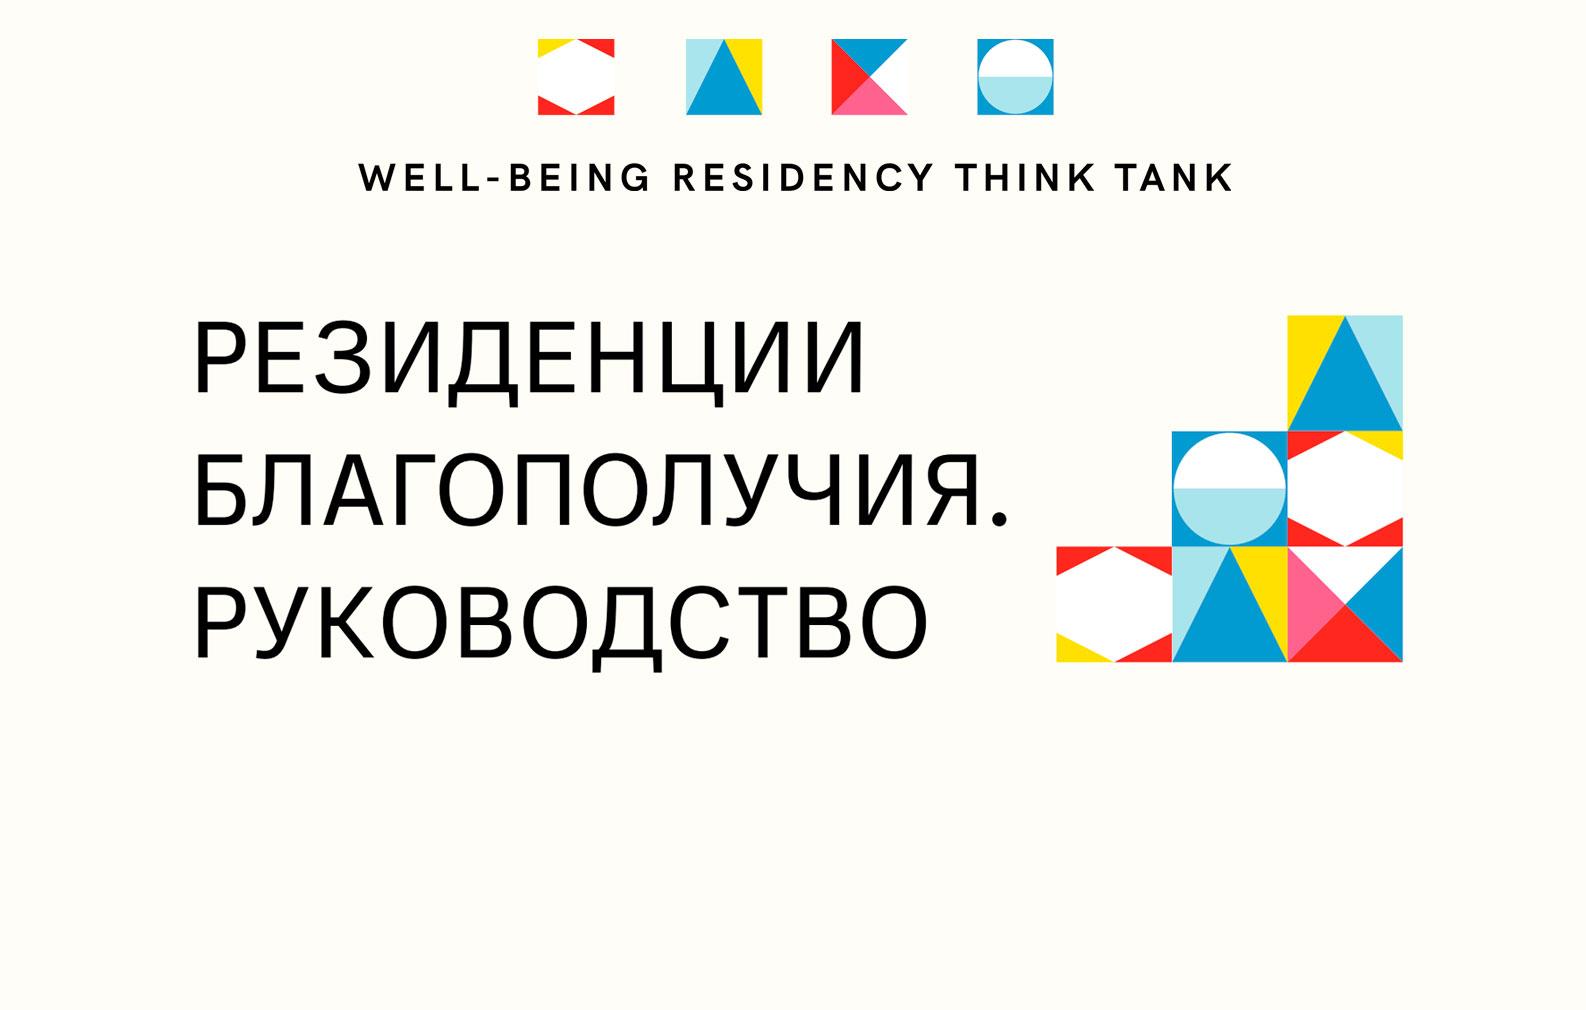 <p>В марте 2021 года увидела свет публикация, которая стала итогом трехлетнего международного проекта «Wellbeing Recidency Think Tank» (Латвия, Россия, Швеция, Финляндия). Данная публикация является руководством для художников, организаторов арт-резиденций и любых третьих лиц в подготовке резиденций благополучия. Материалы размещаются в интернетеhttps://www.wellbeingresidency.net/publication-43025016и доступны на трех языках: английский, латышский и русский. В […]</p>